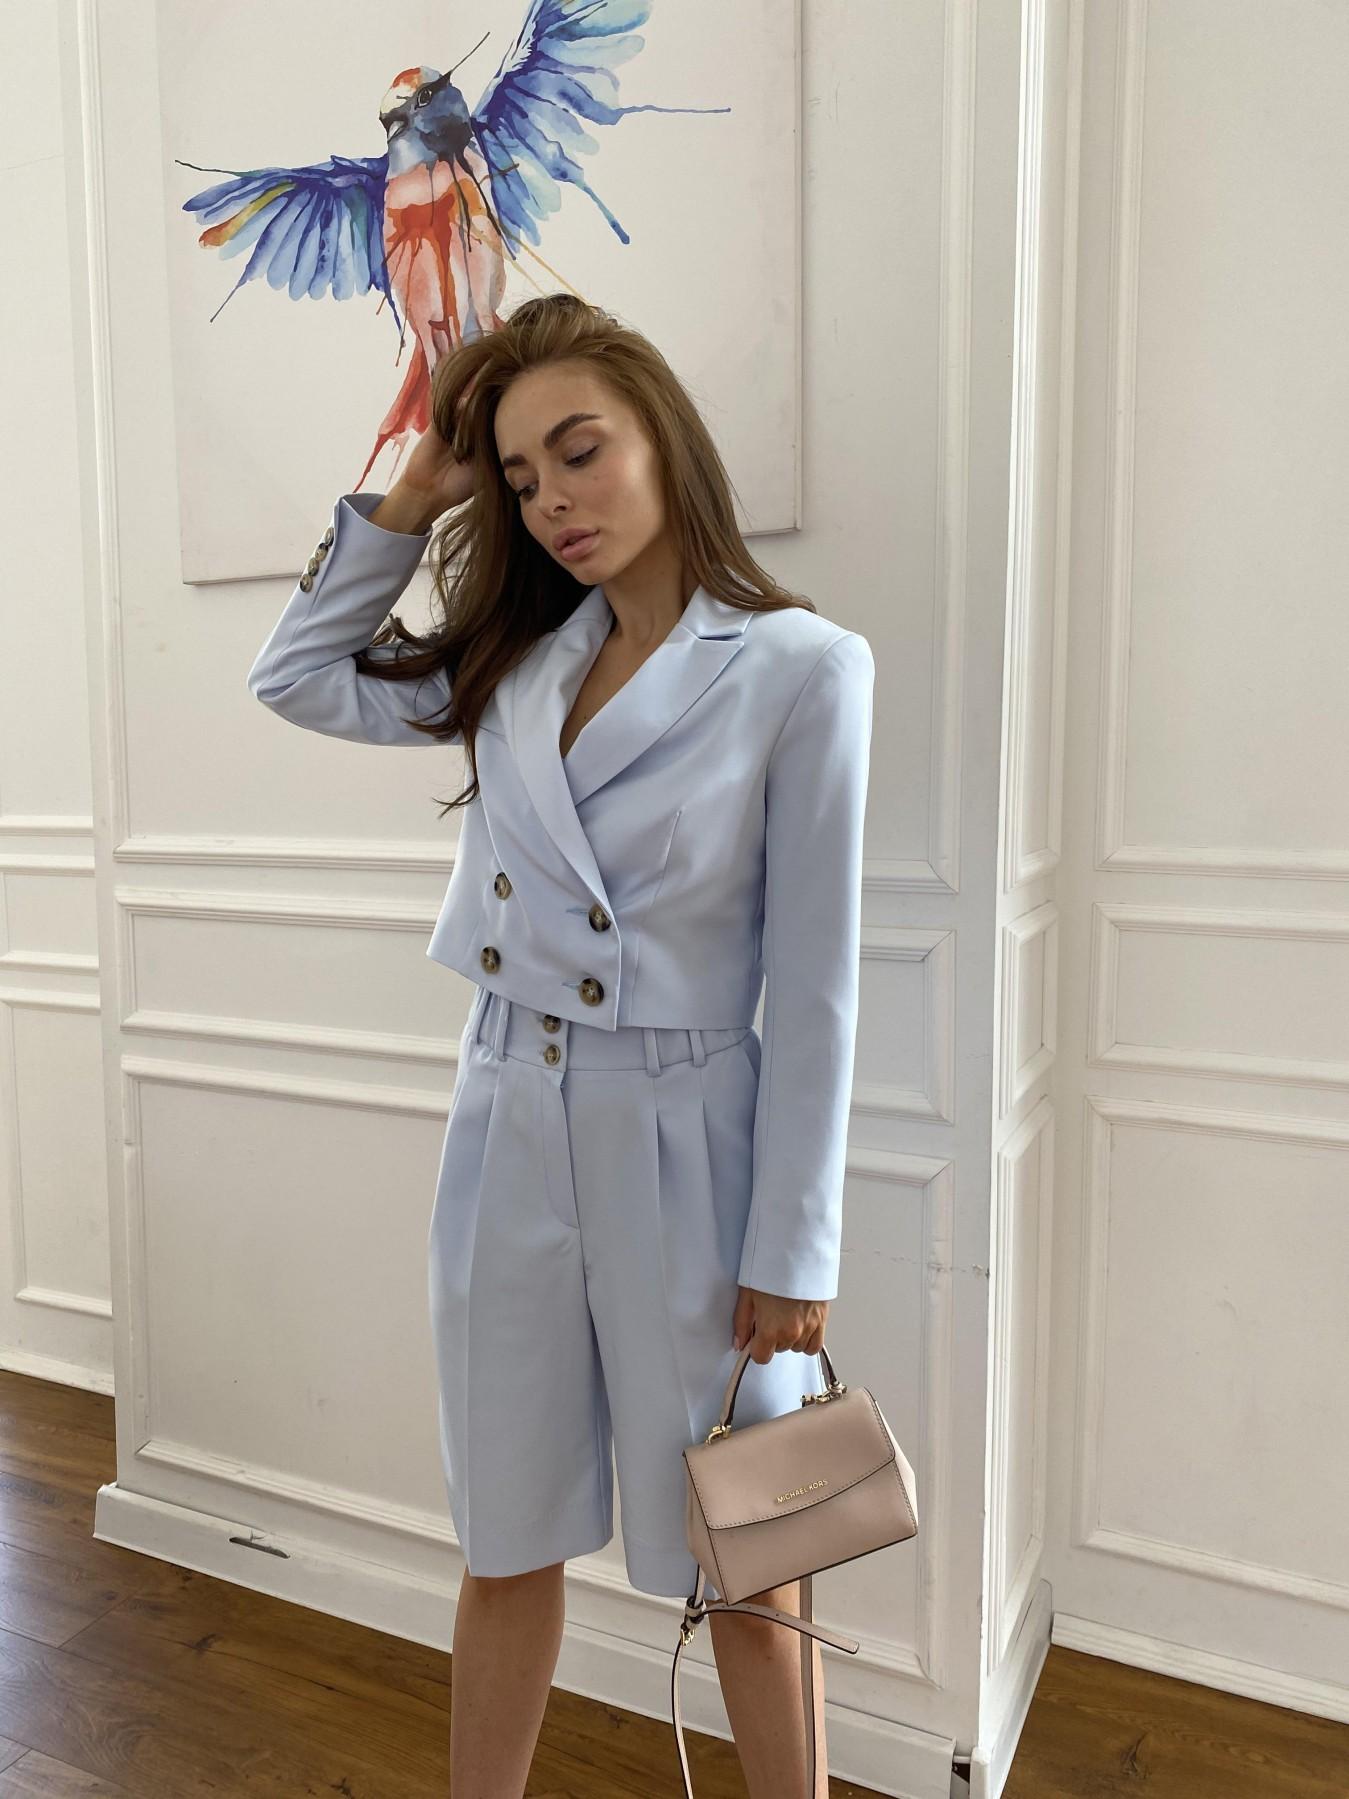 Оксфорд костюм из костюмной ткани стрейч 11548 АРТ. 48219 Цвет: Голубой - фото 4, интернет магазин tm-modus.ru